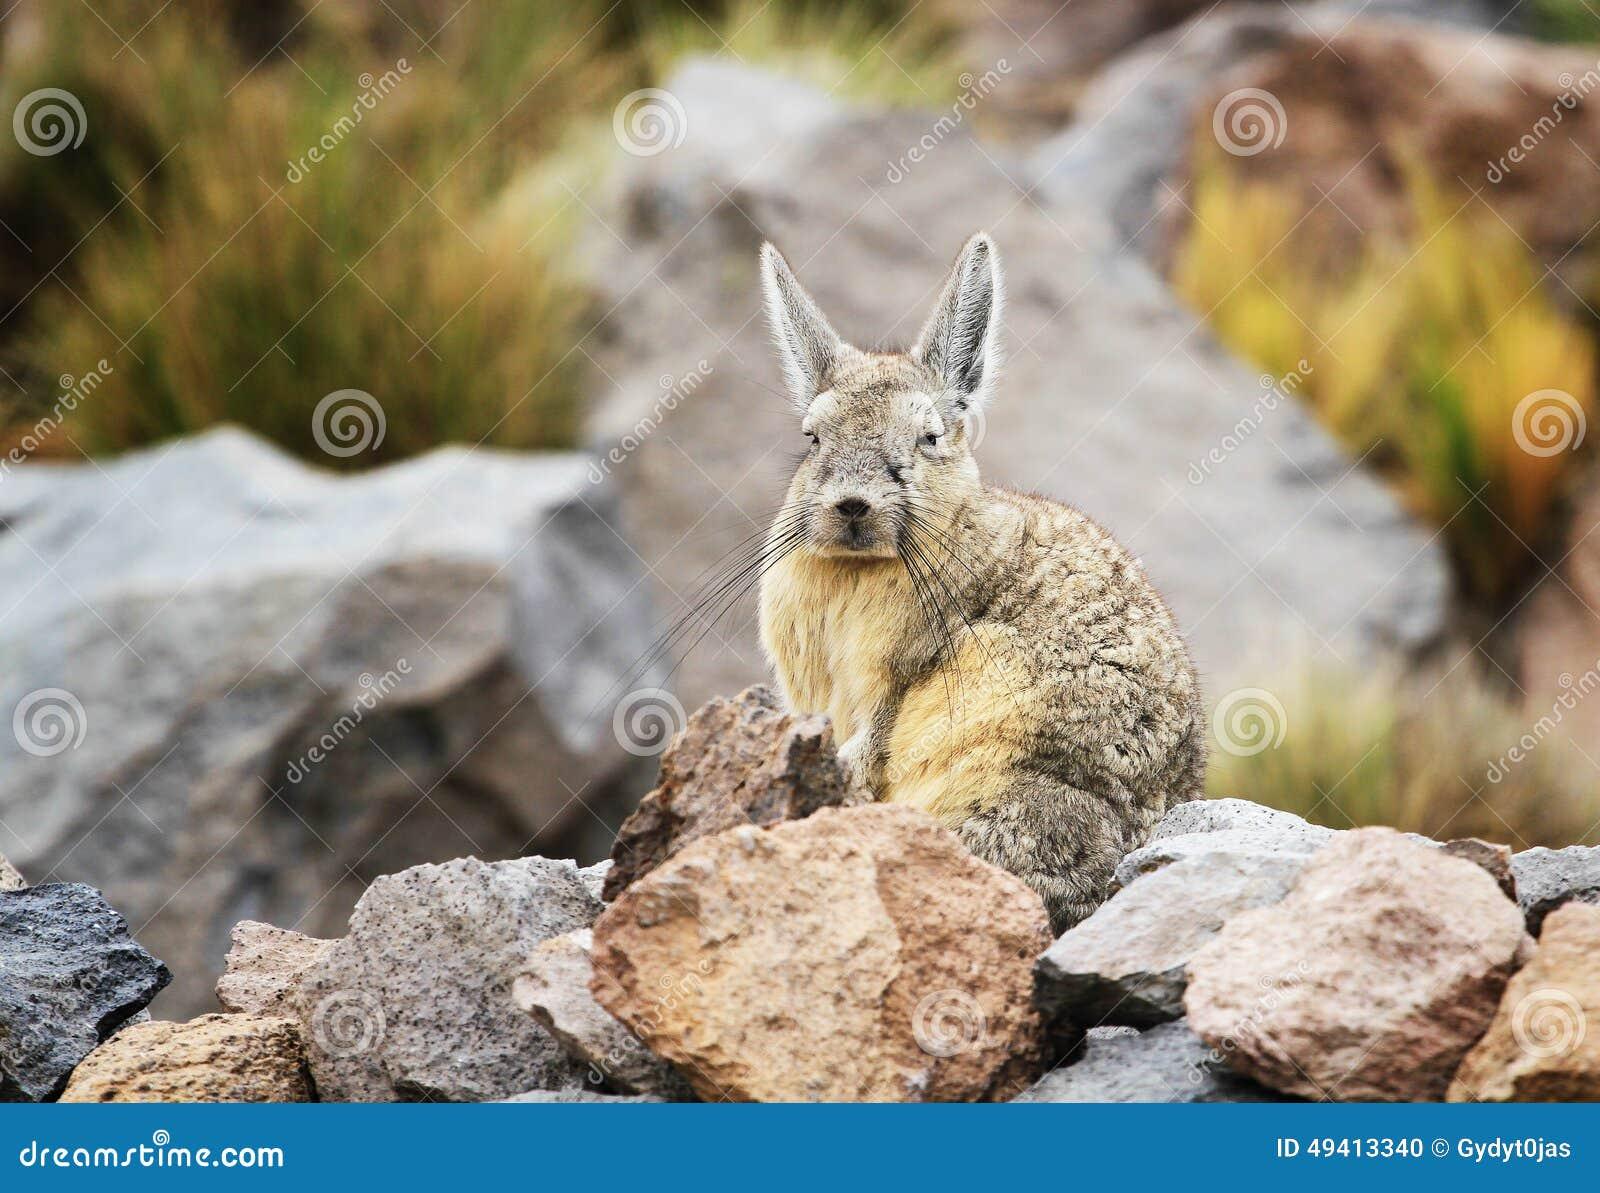 Download Viscacha stockfoto. Bild von altiplano, senke, säugetiere - 49413340